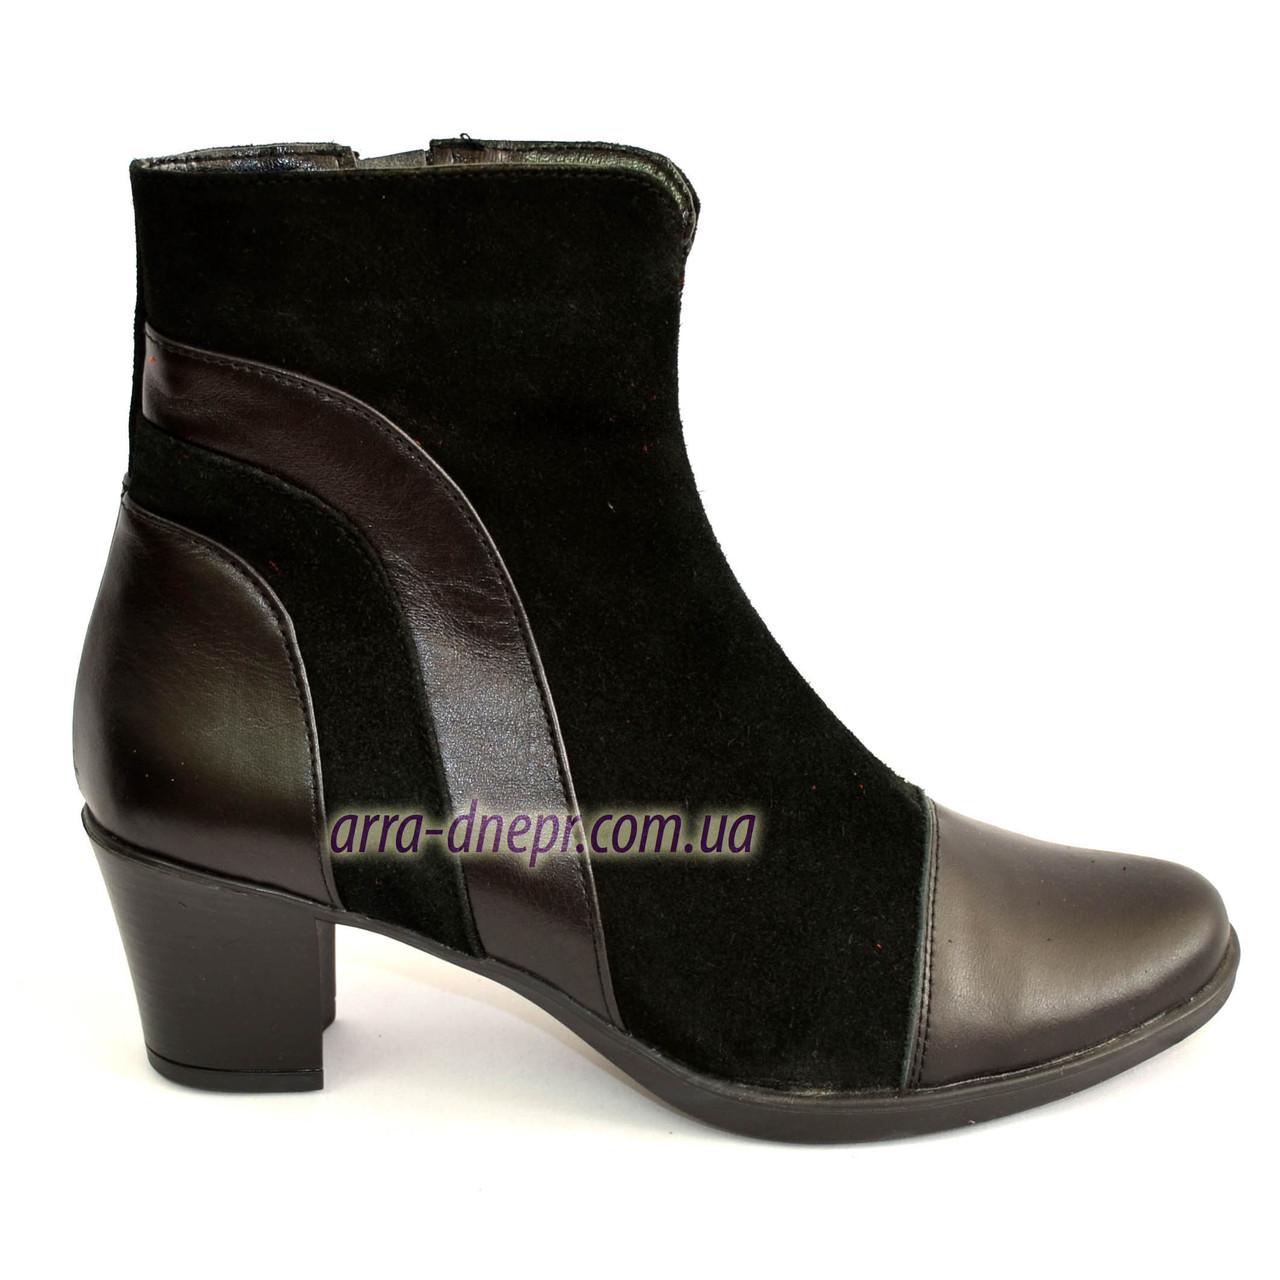 Женские демисезонные ботинки на невысоком устойчивом каблуке, натуральная кожа и замша